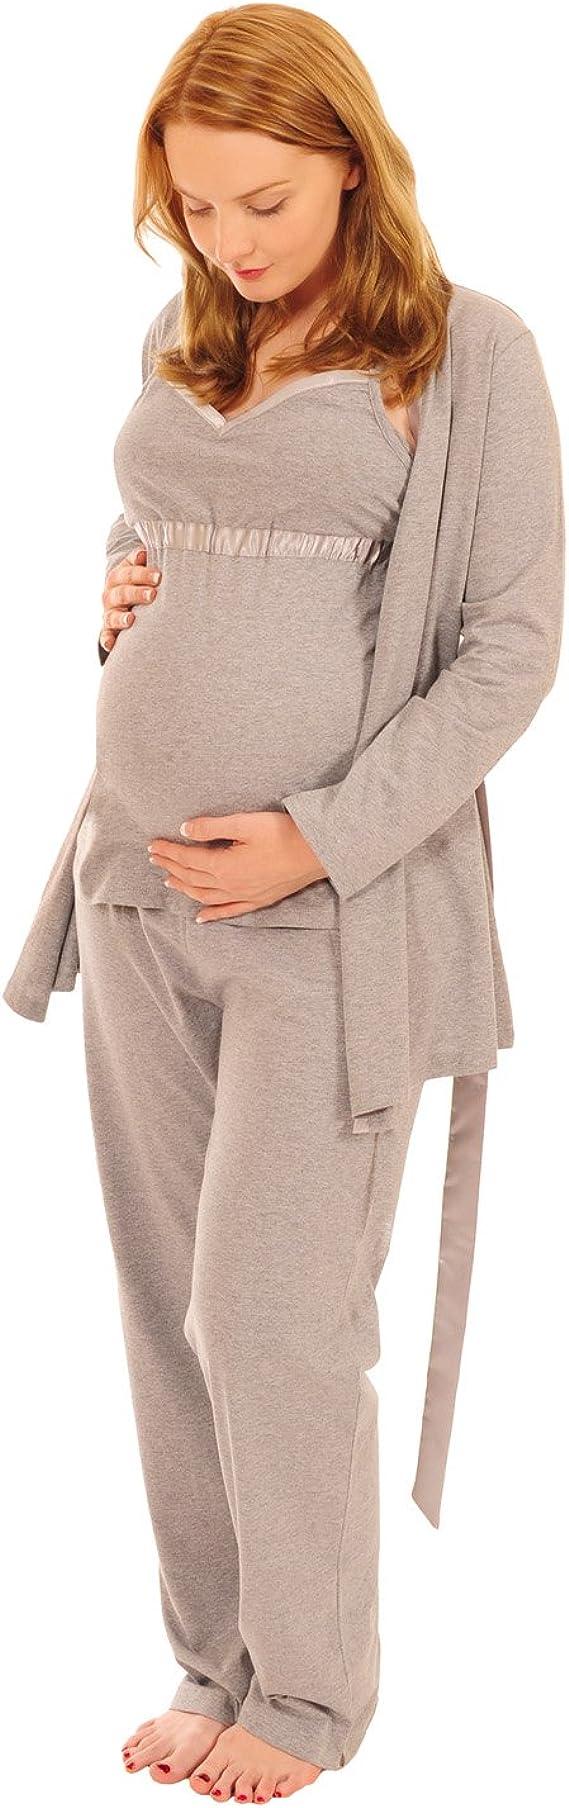 1013 Mums choix Maternité Robe De Chambre Kimono liée à la taille XXL gris